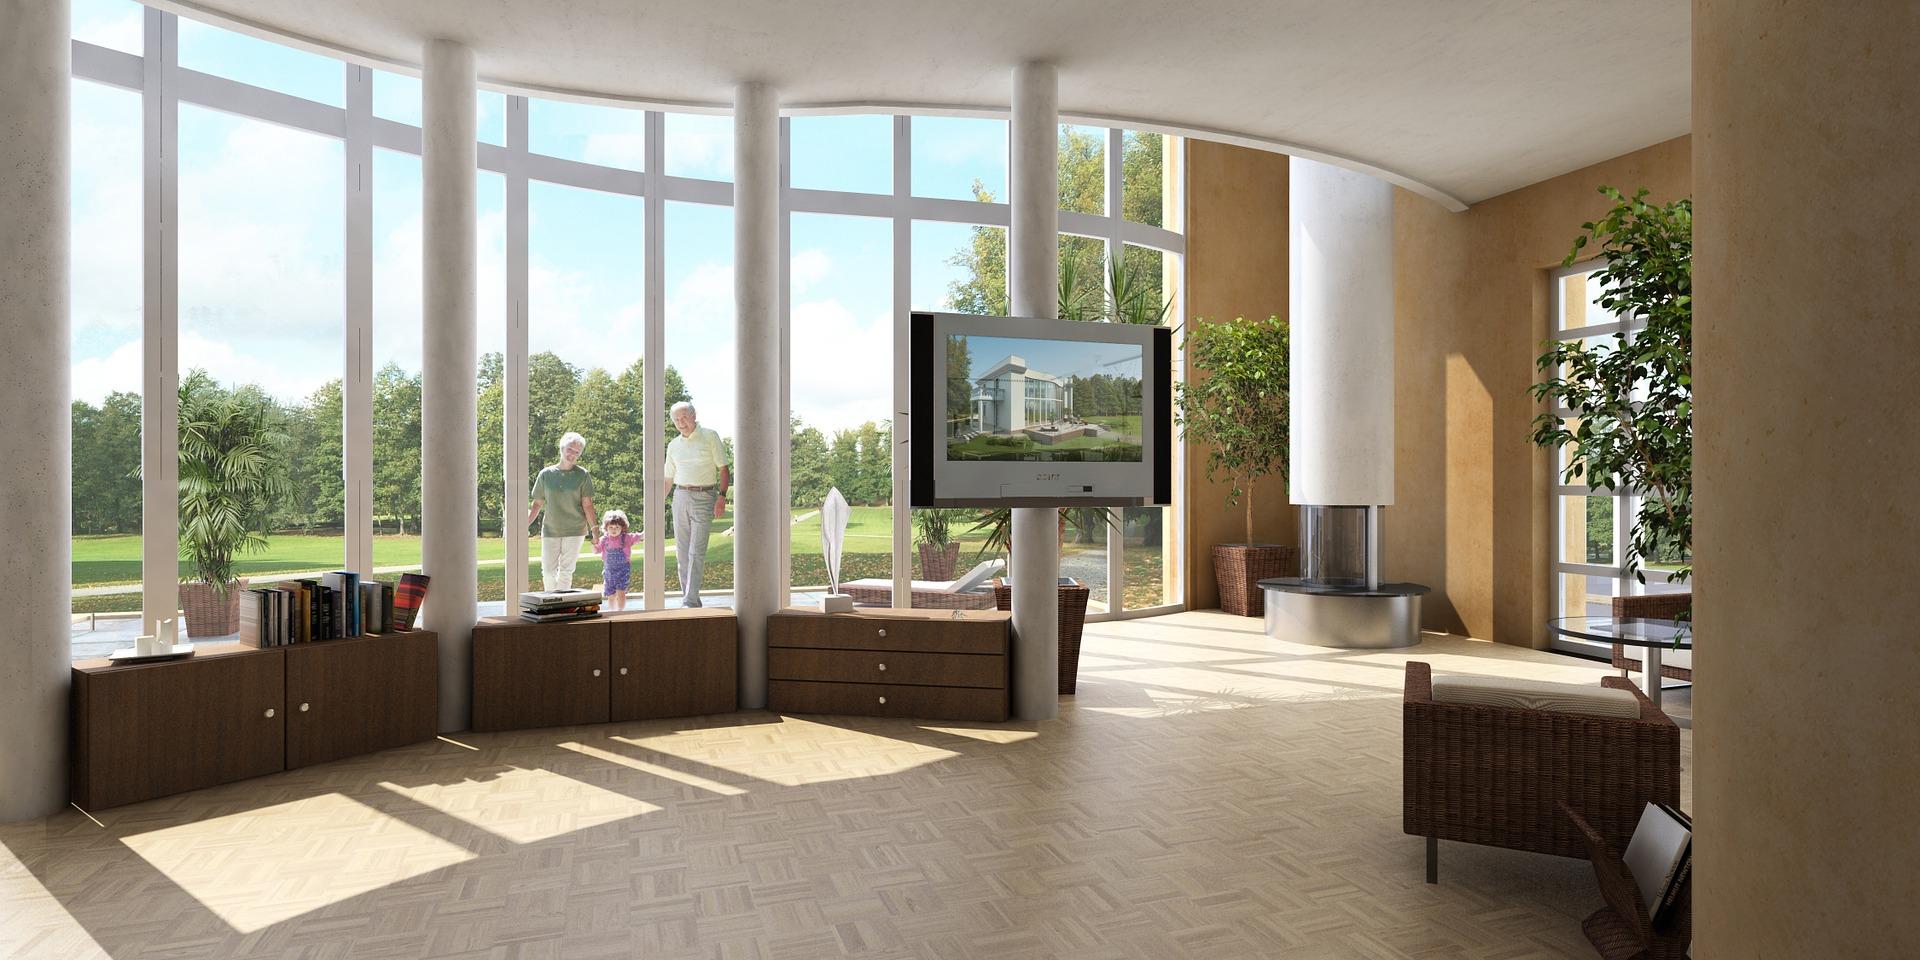 Innenputz - Für ein perfektes Wohnerlebnis und ein gutes Raumgefühl - Termin Bau Halle - Ihre Baufirma in Halle und Leipzig